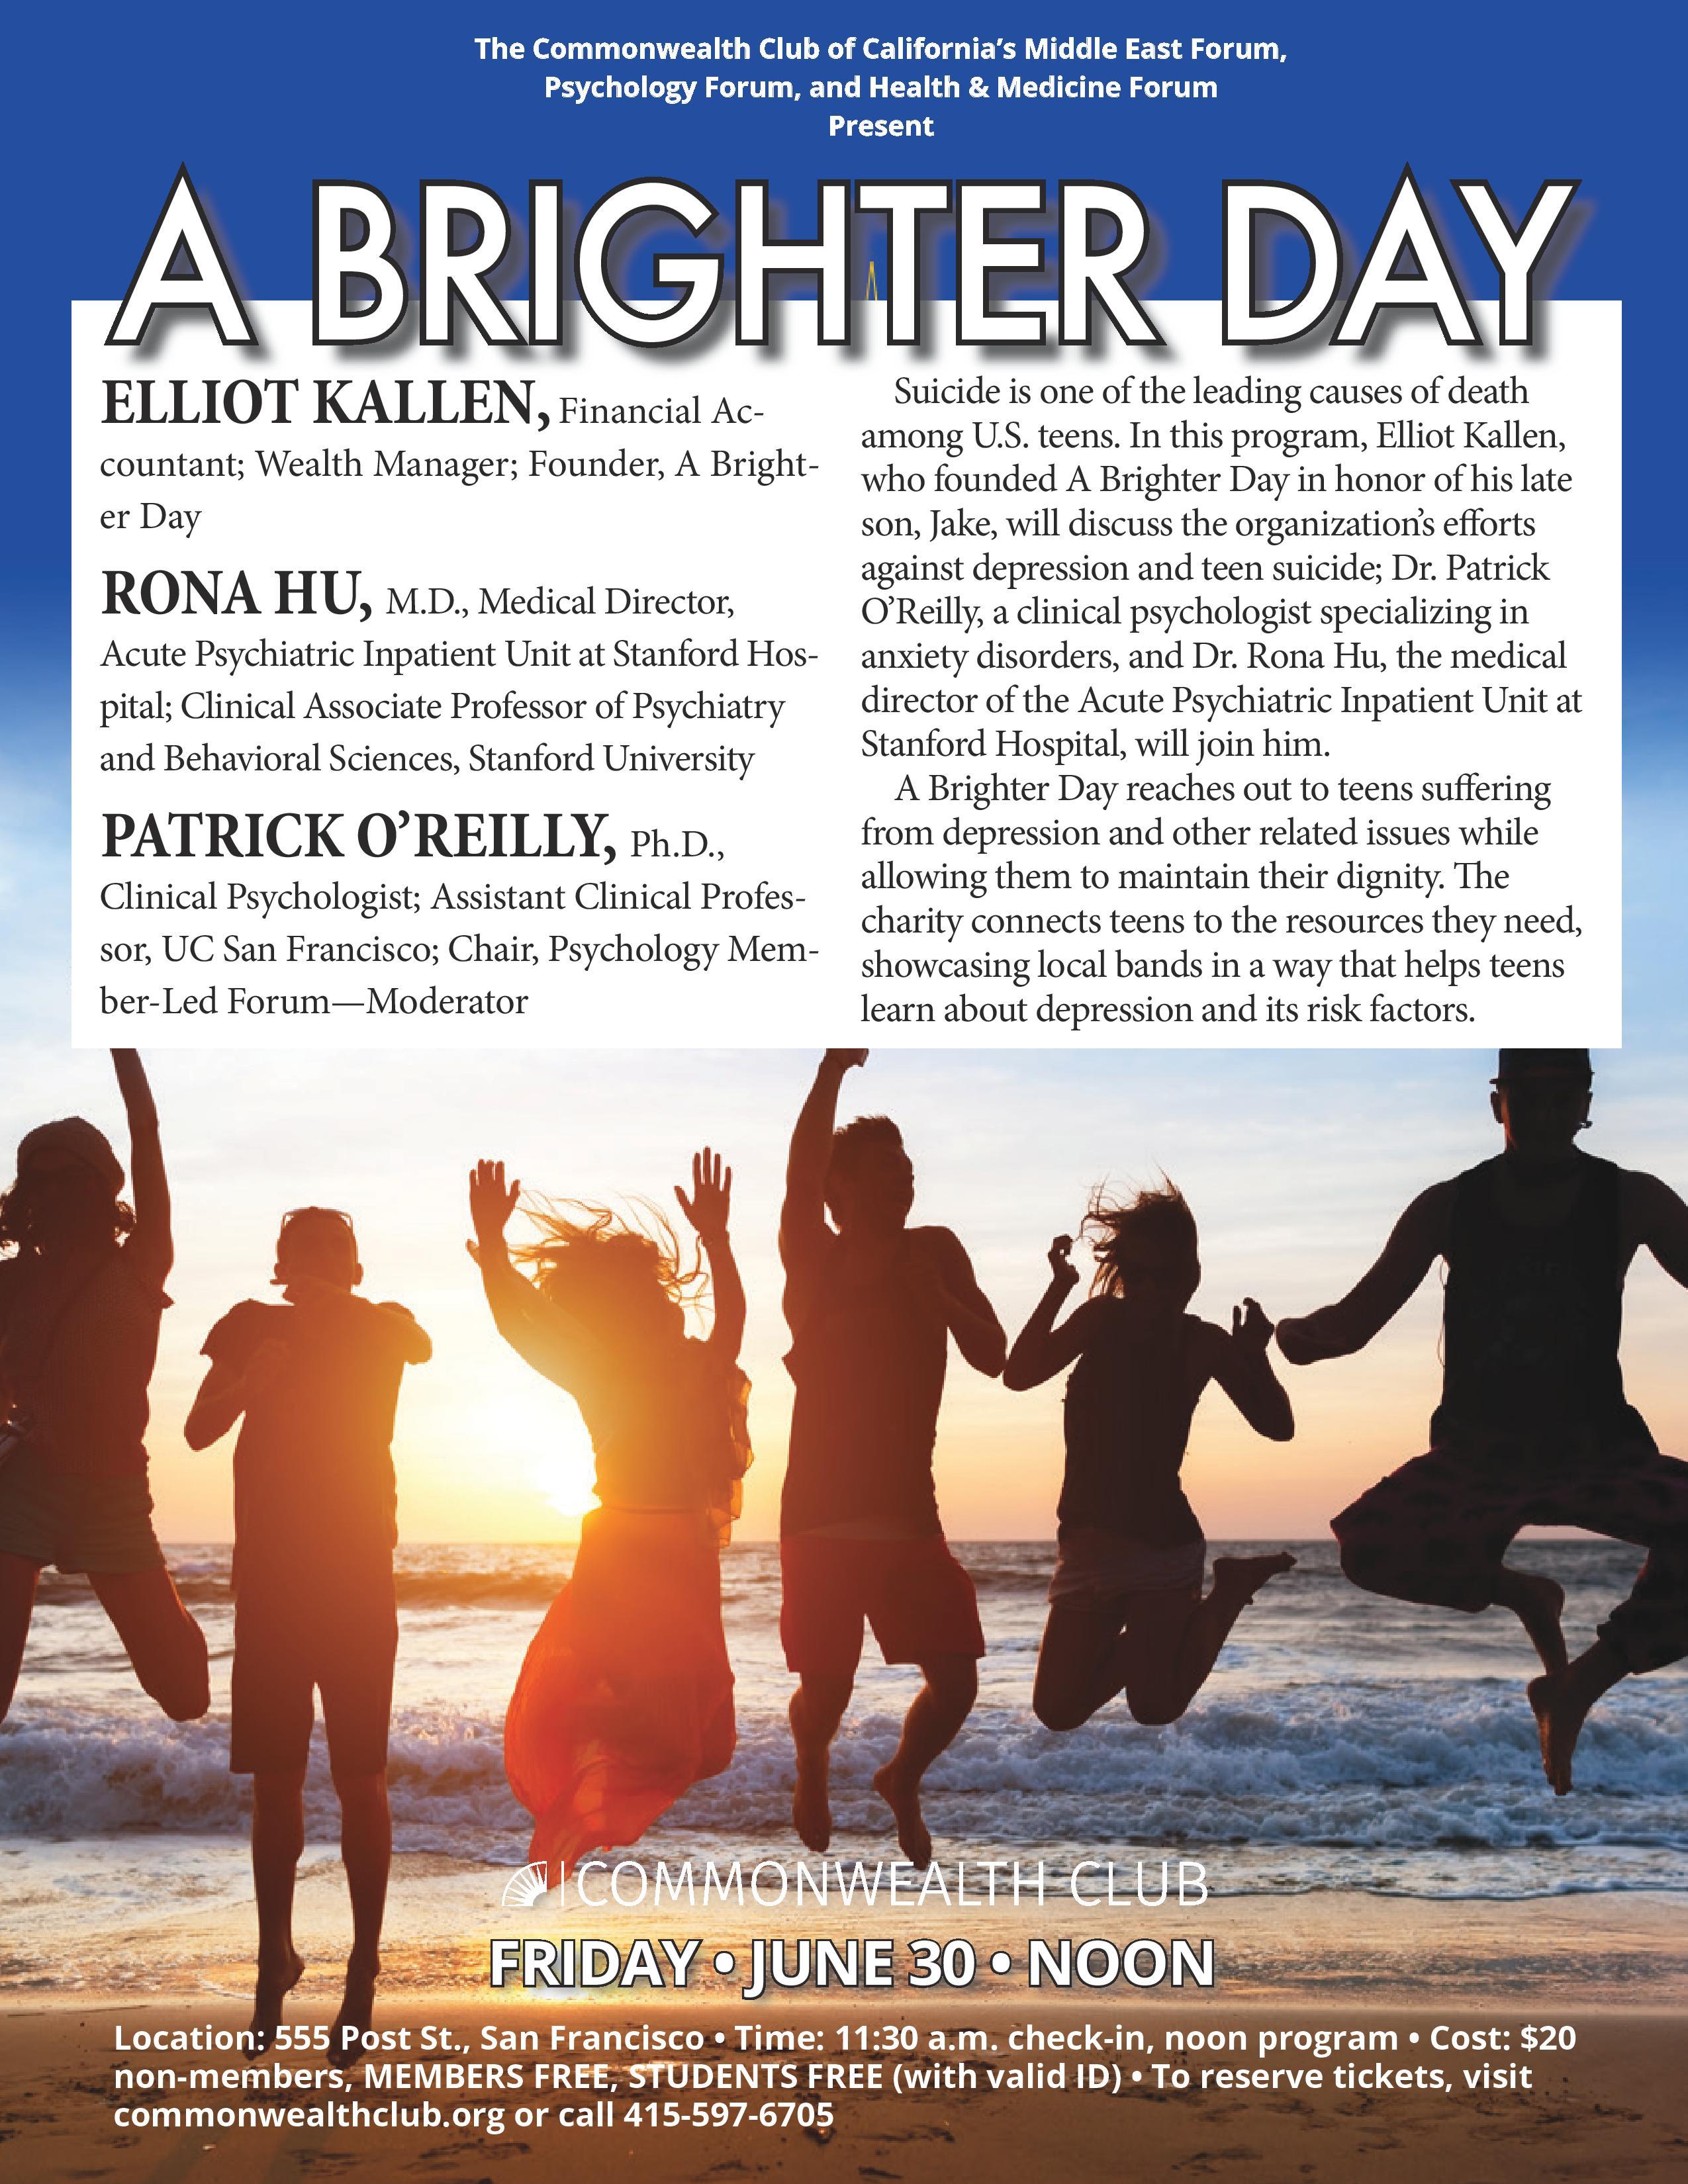 A Brighter Day | San Francisco Interfaith Council